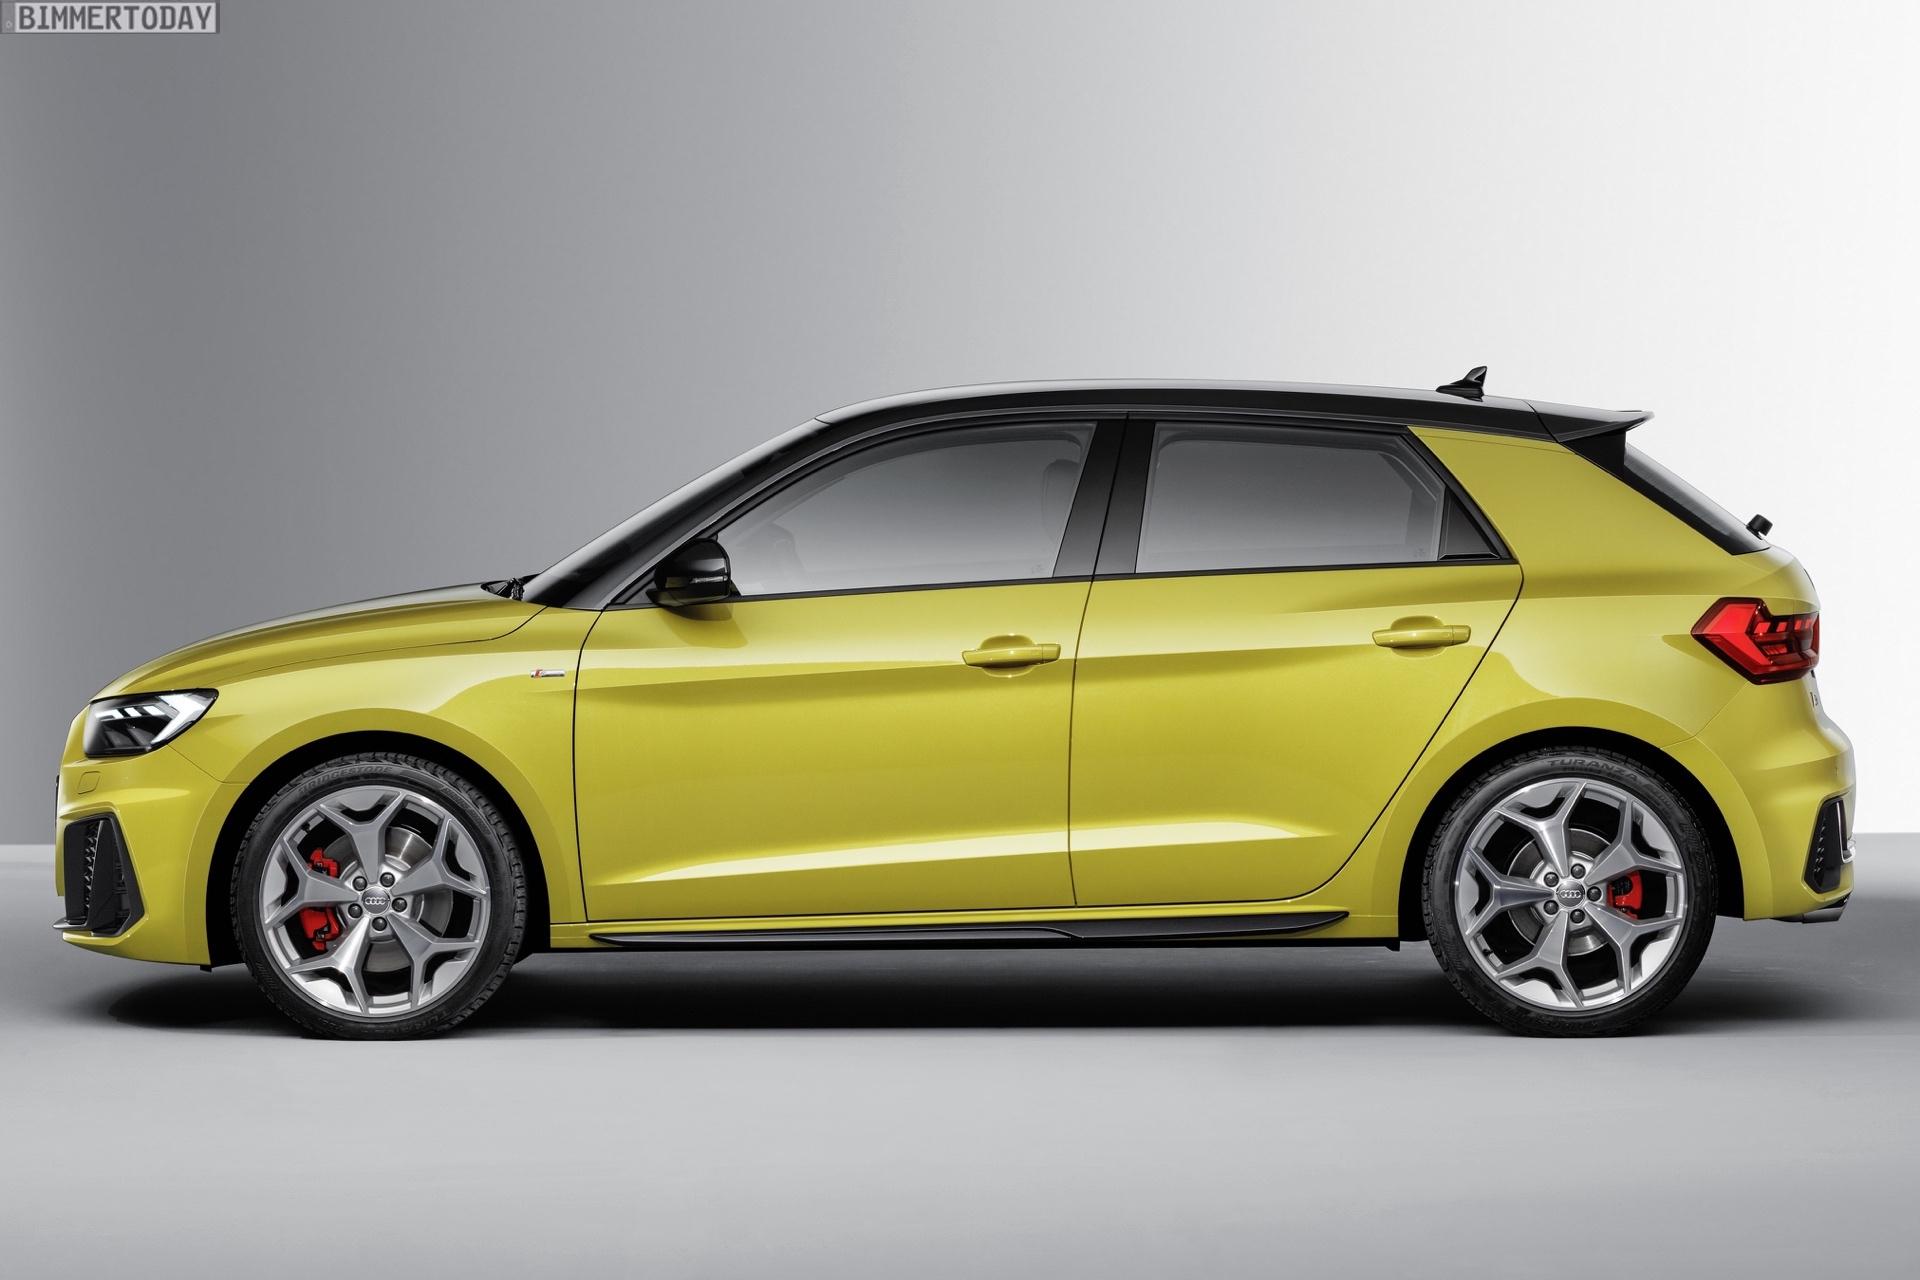 Bild Vergleich Neuer Audi A1 2018 Trifft Mini Funfturer F55 Lci